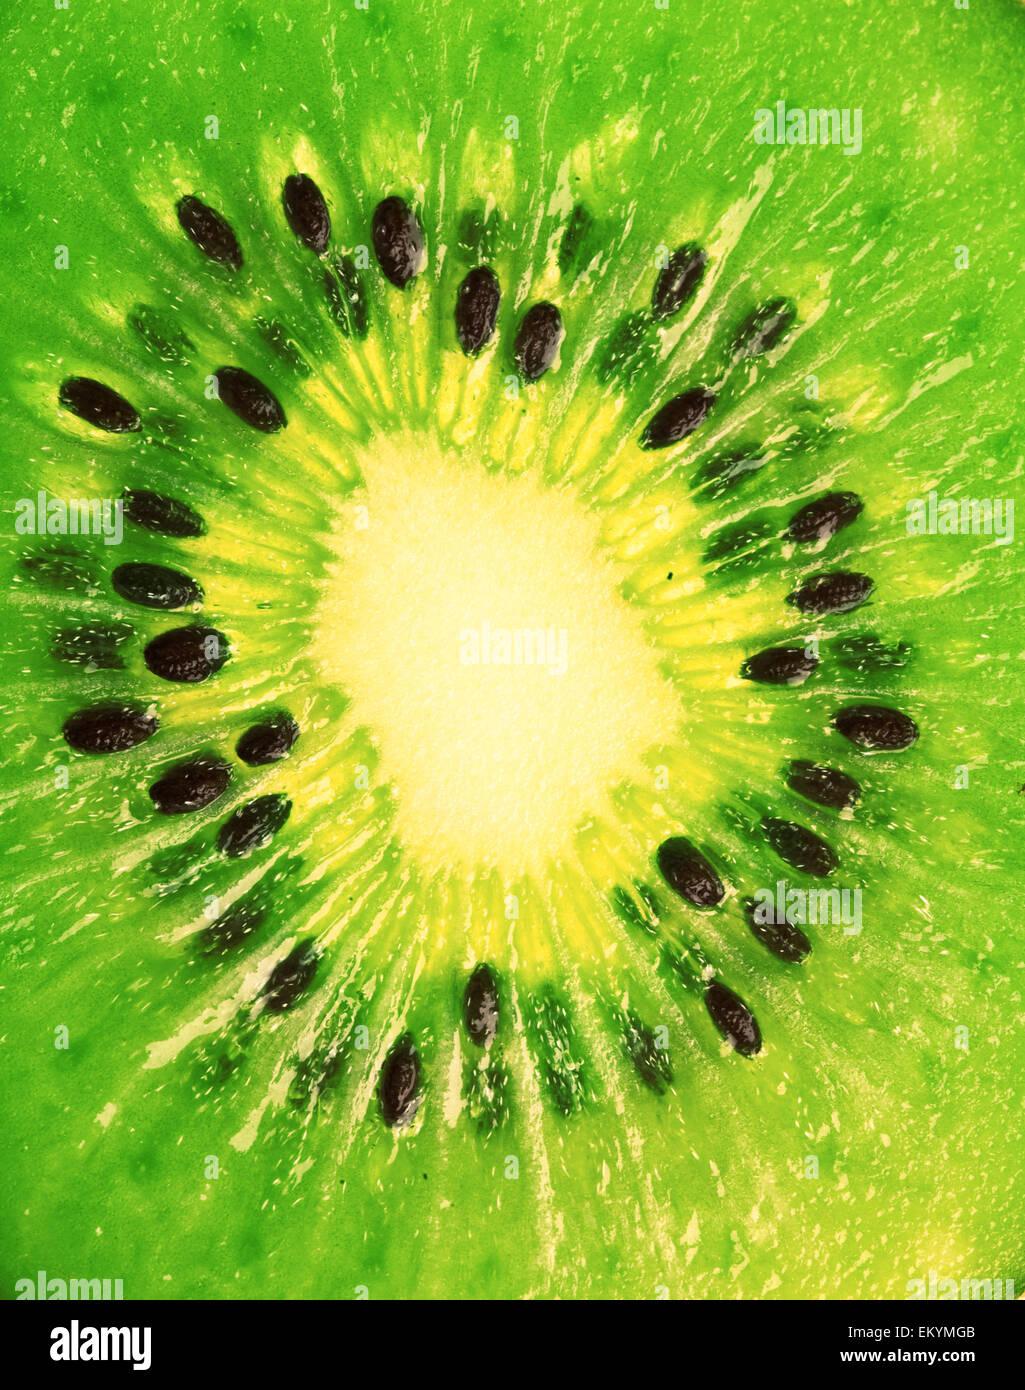 extreme makro shot of kiwi - Stock Image